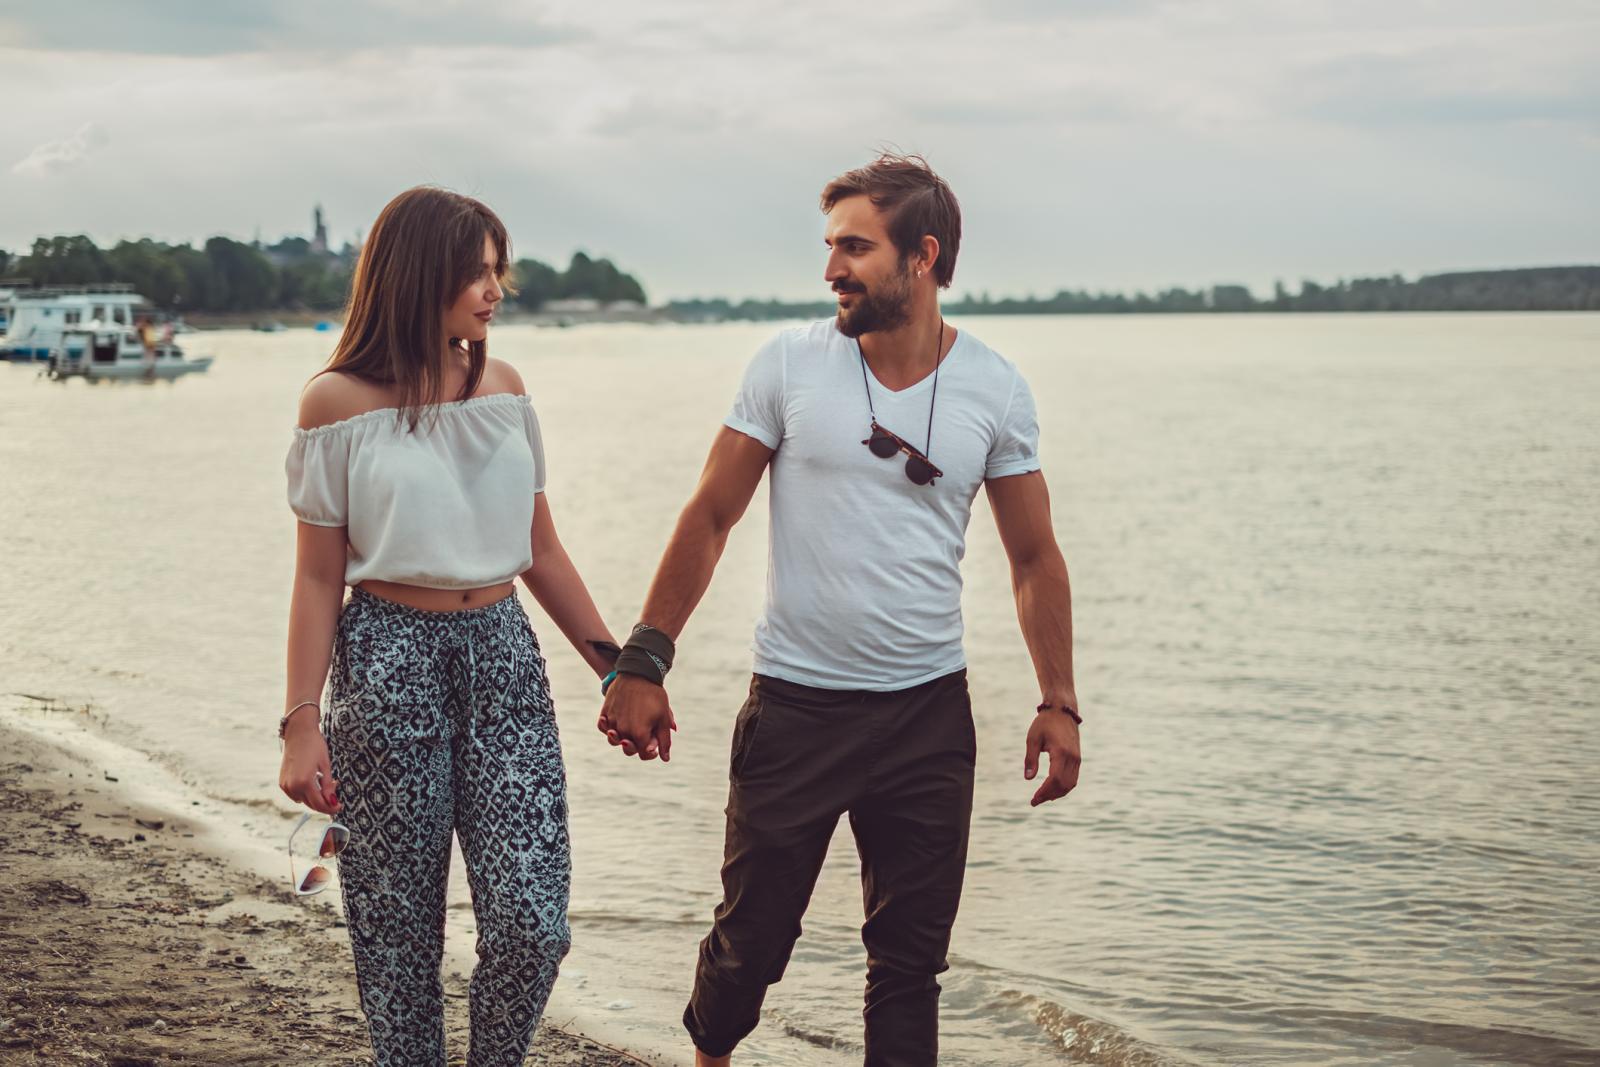 Ako mislite da možete gledati u partnerove oči satima, znajte da je riječ o 'pravoj stvari'.